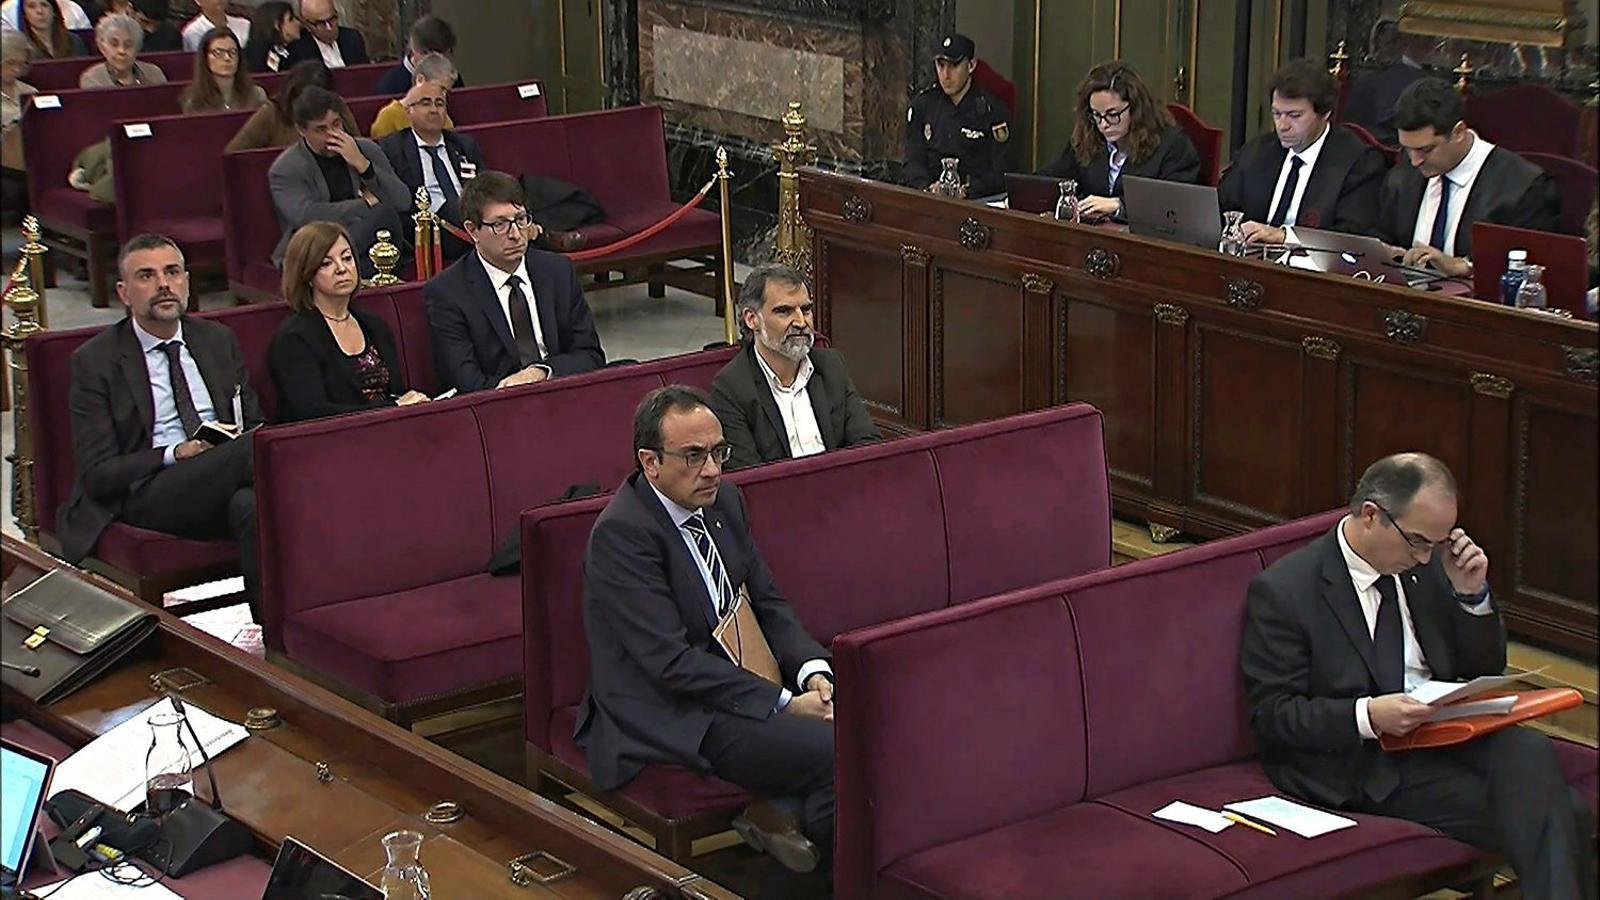 Josep Rull, en primer terme, i Jordi Cuixart i Carles Mundó, al darrere, durant una sessió del judici del Procés al Tribunal Suprem.